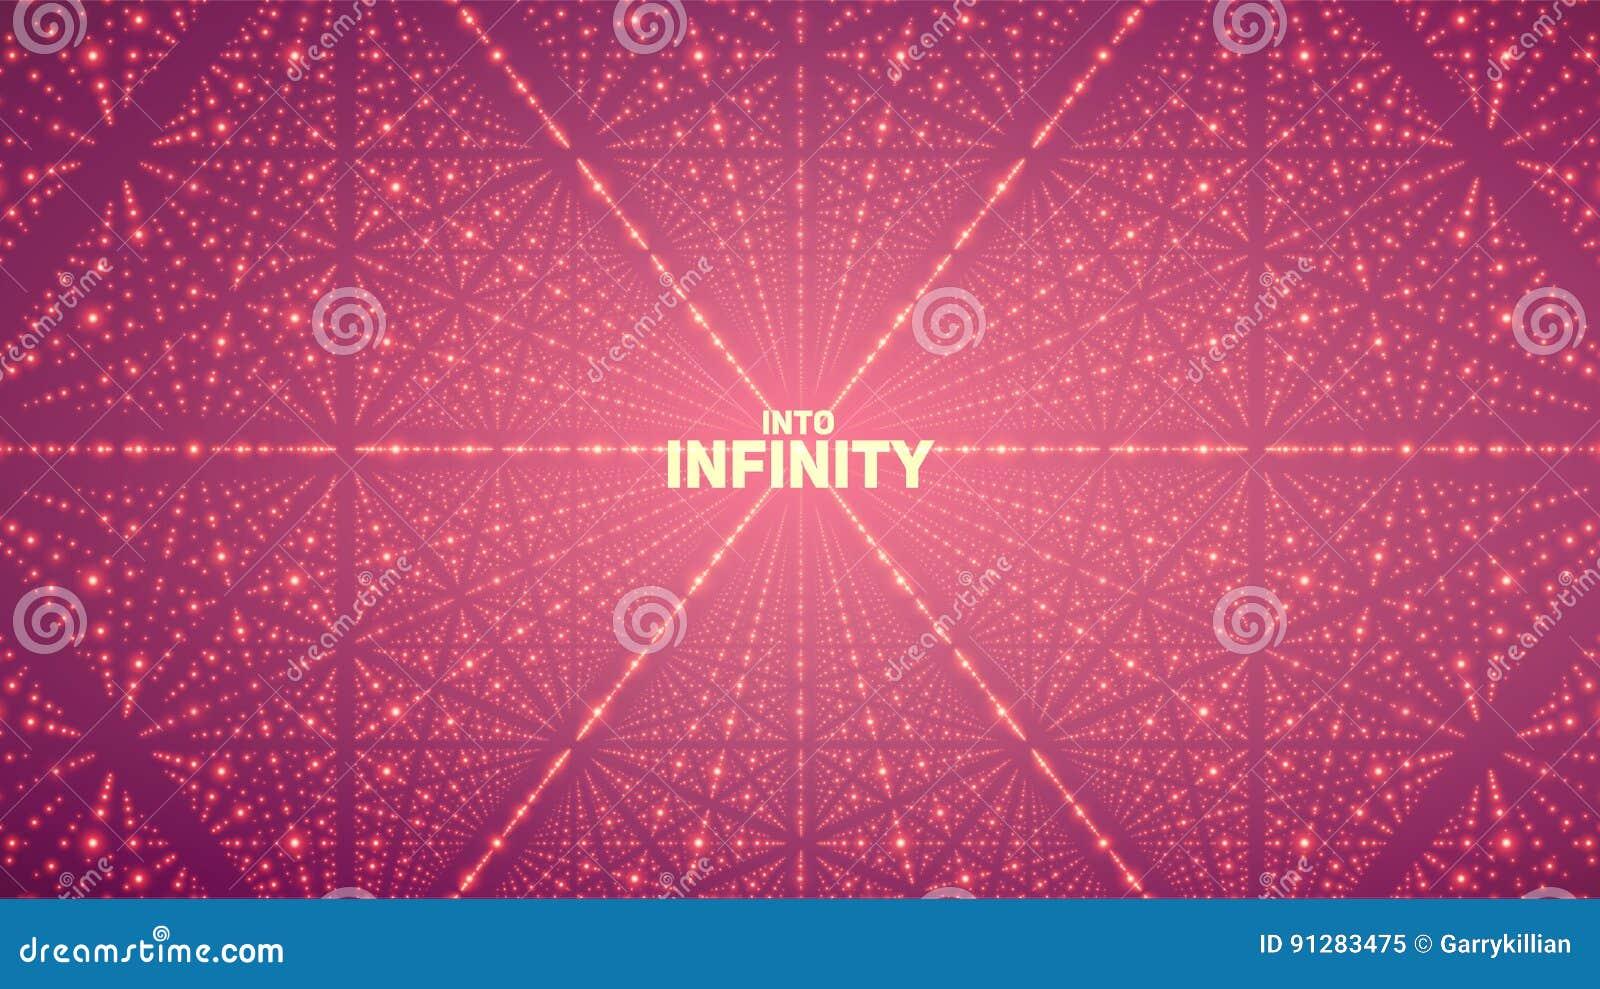 Bakgrund för oändligt utrymme för vektor Matris av glödande stjärnor med illusion av djup, perspektiv